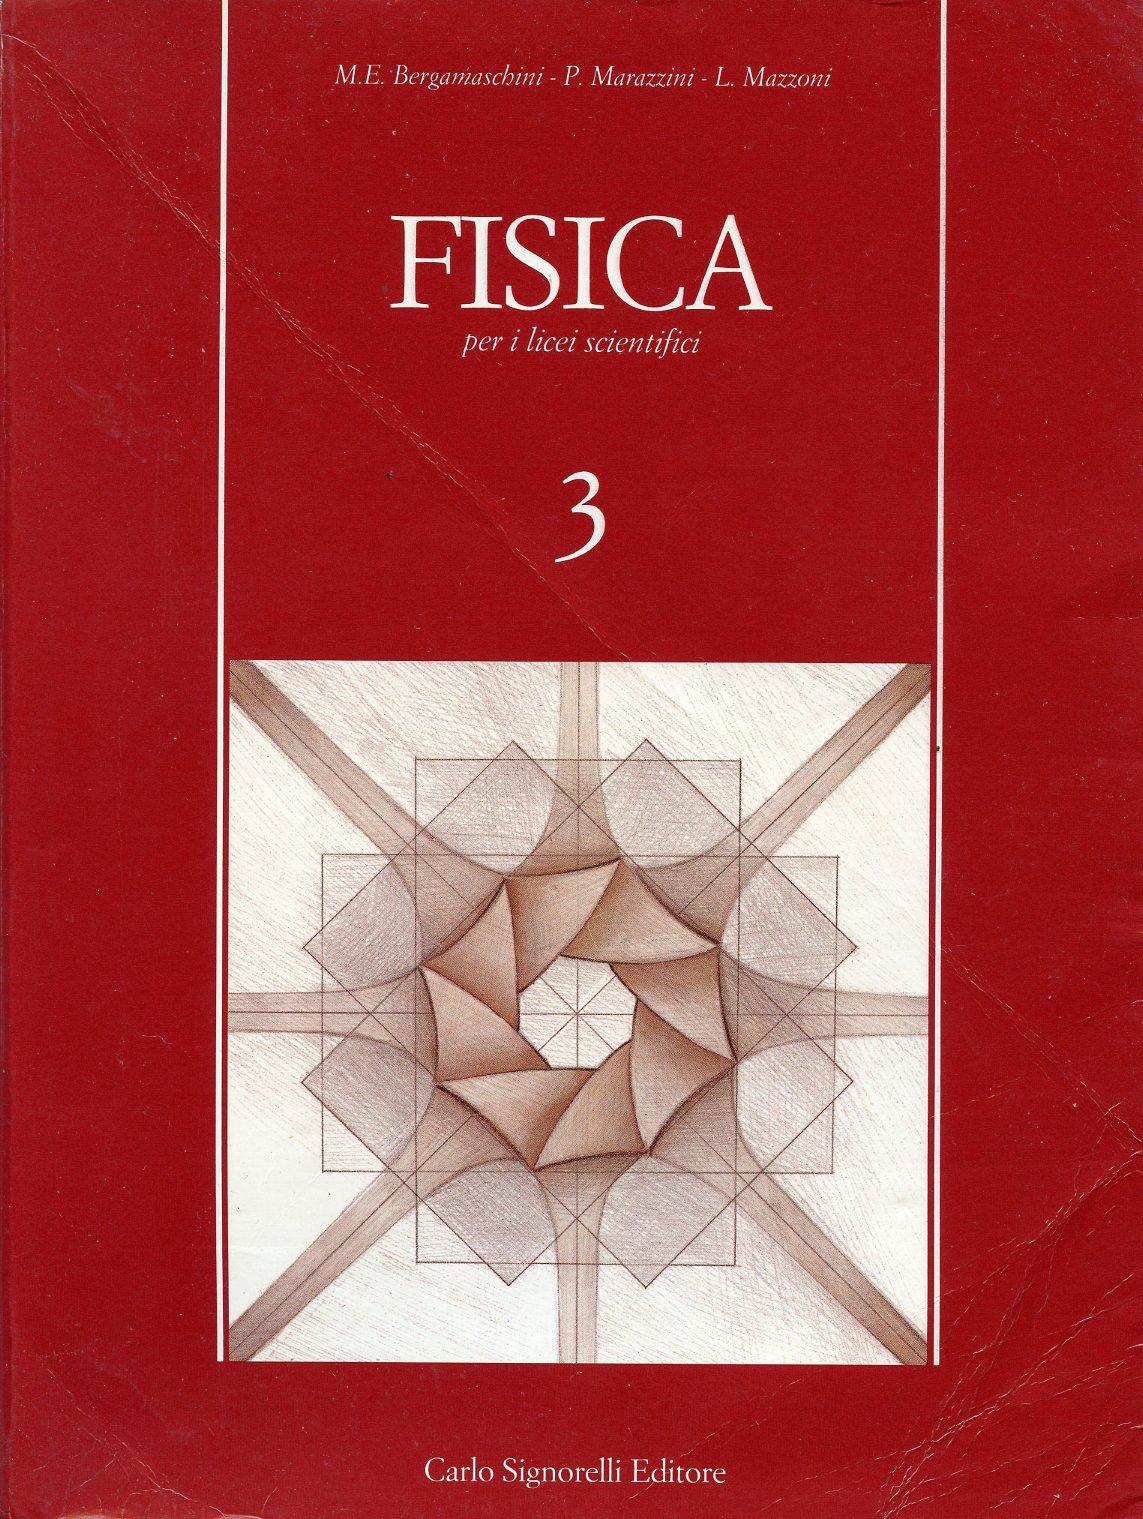 Fisica : per i licei scientifici - Vol. 3